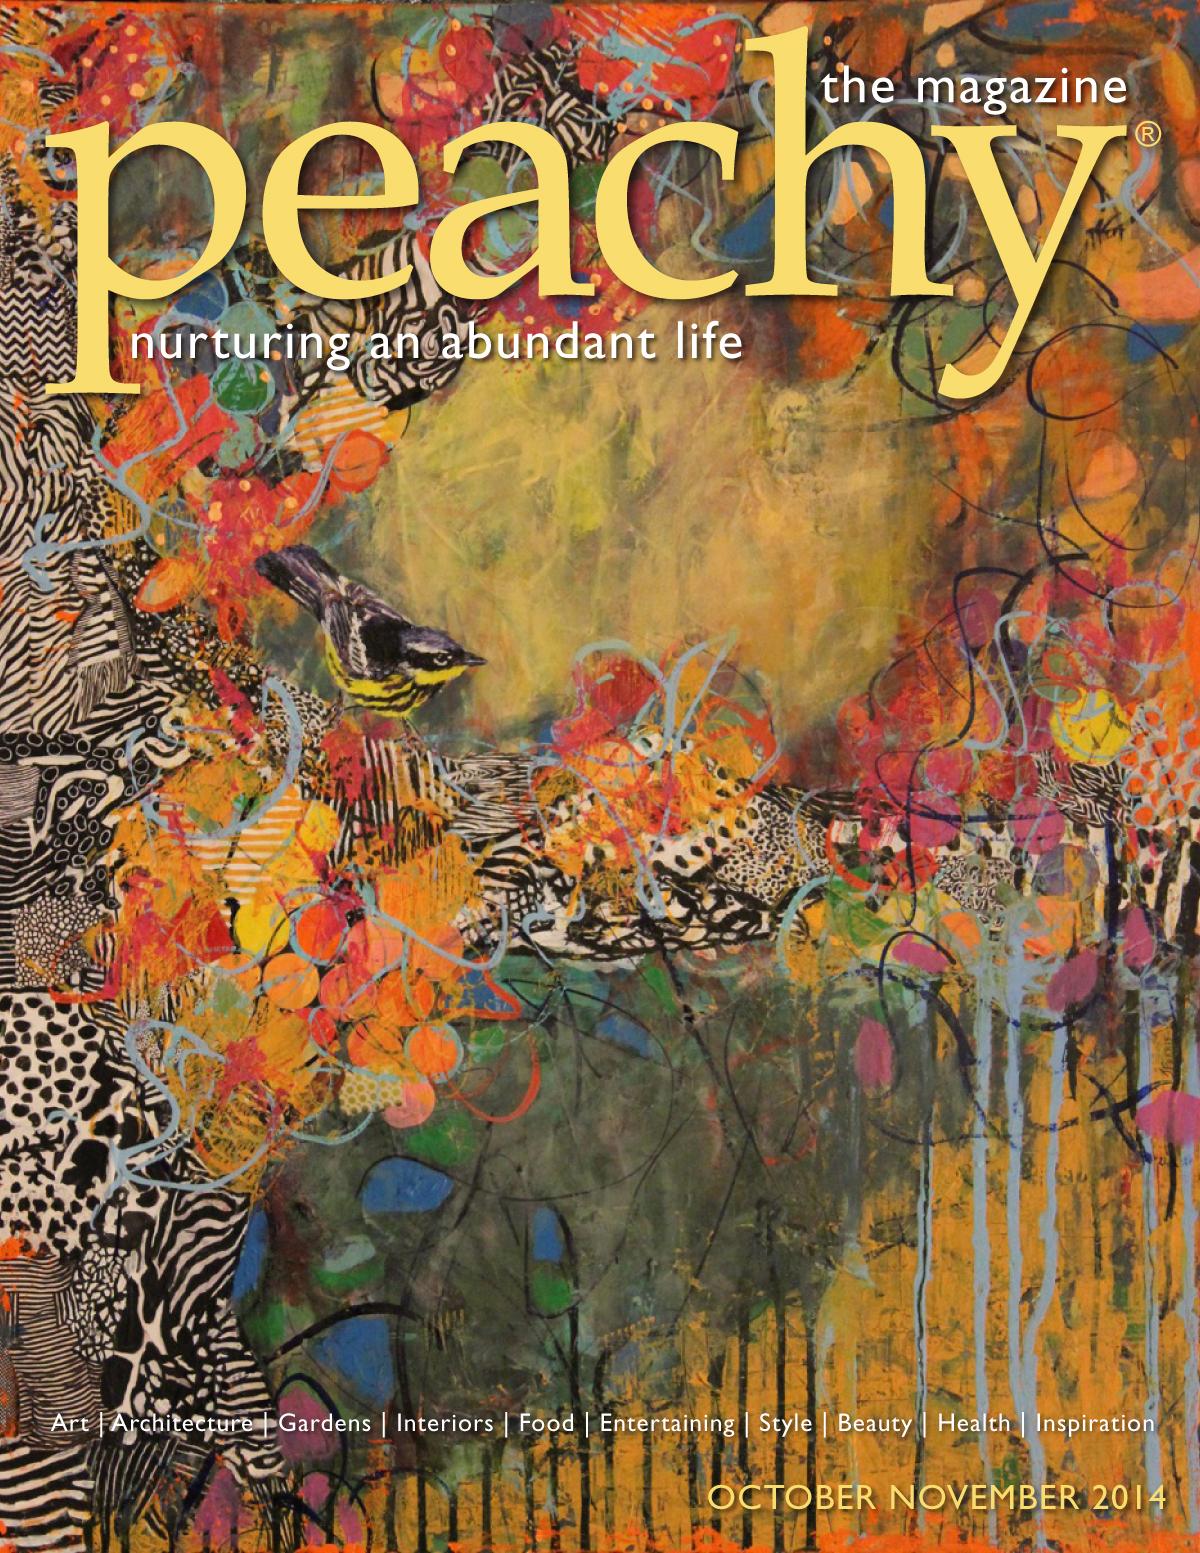 Peachy, Nov 2014